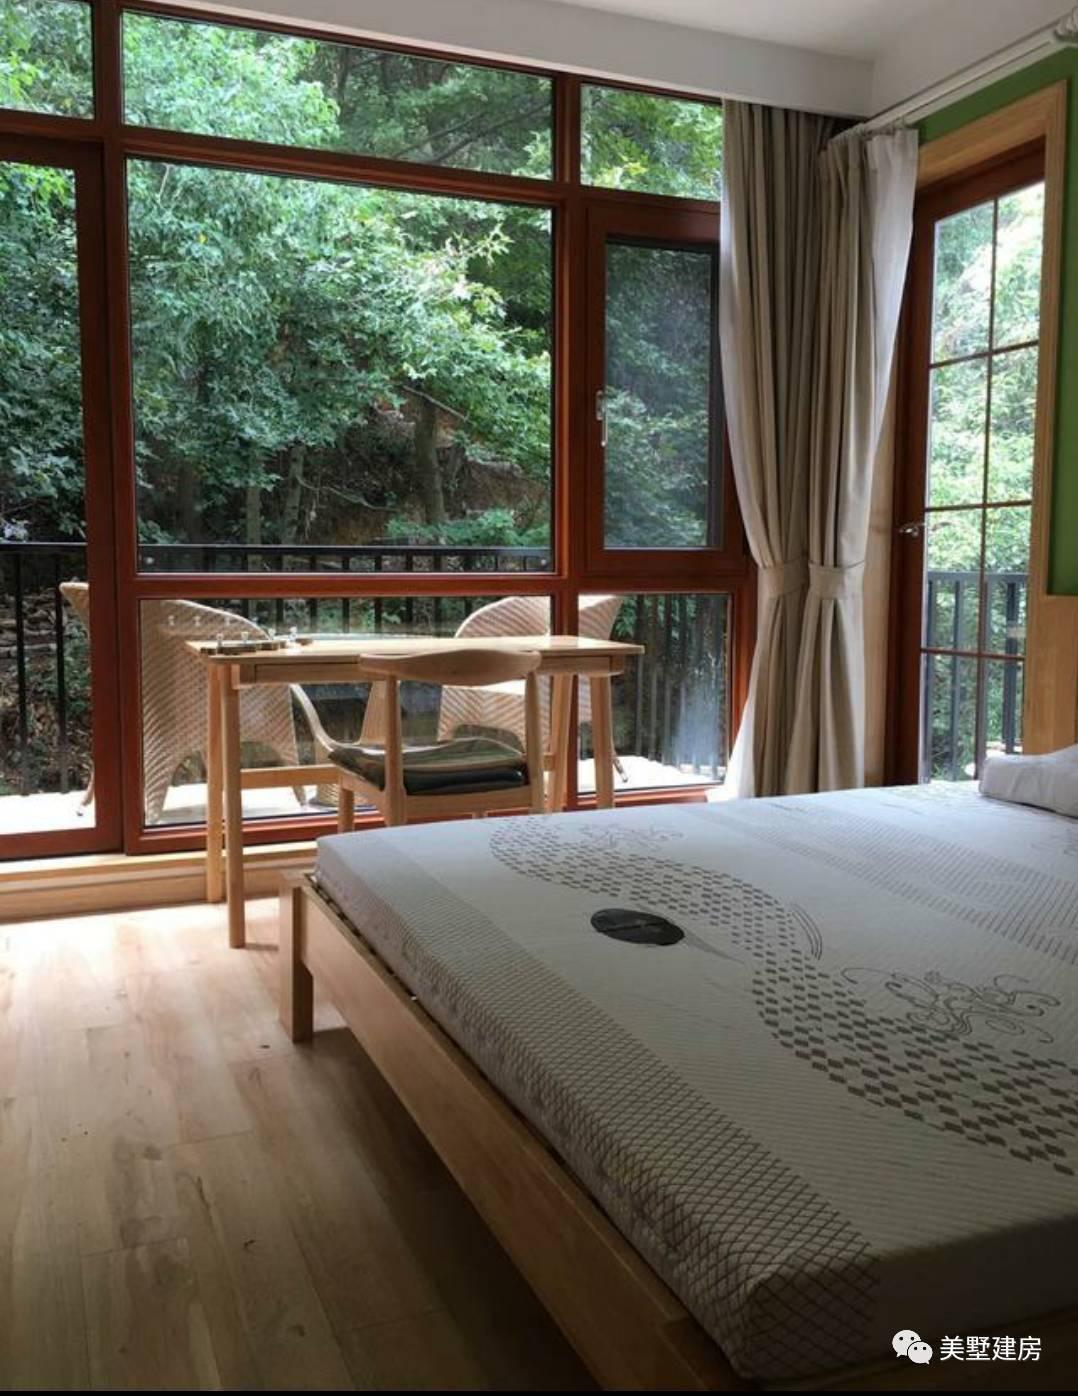 二层的房间,这一间房间采用大的落地窗,光线应该还是十分不错的图片